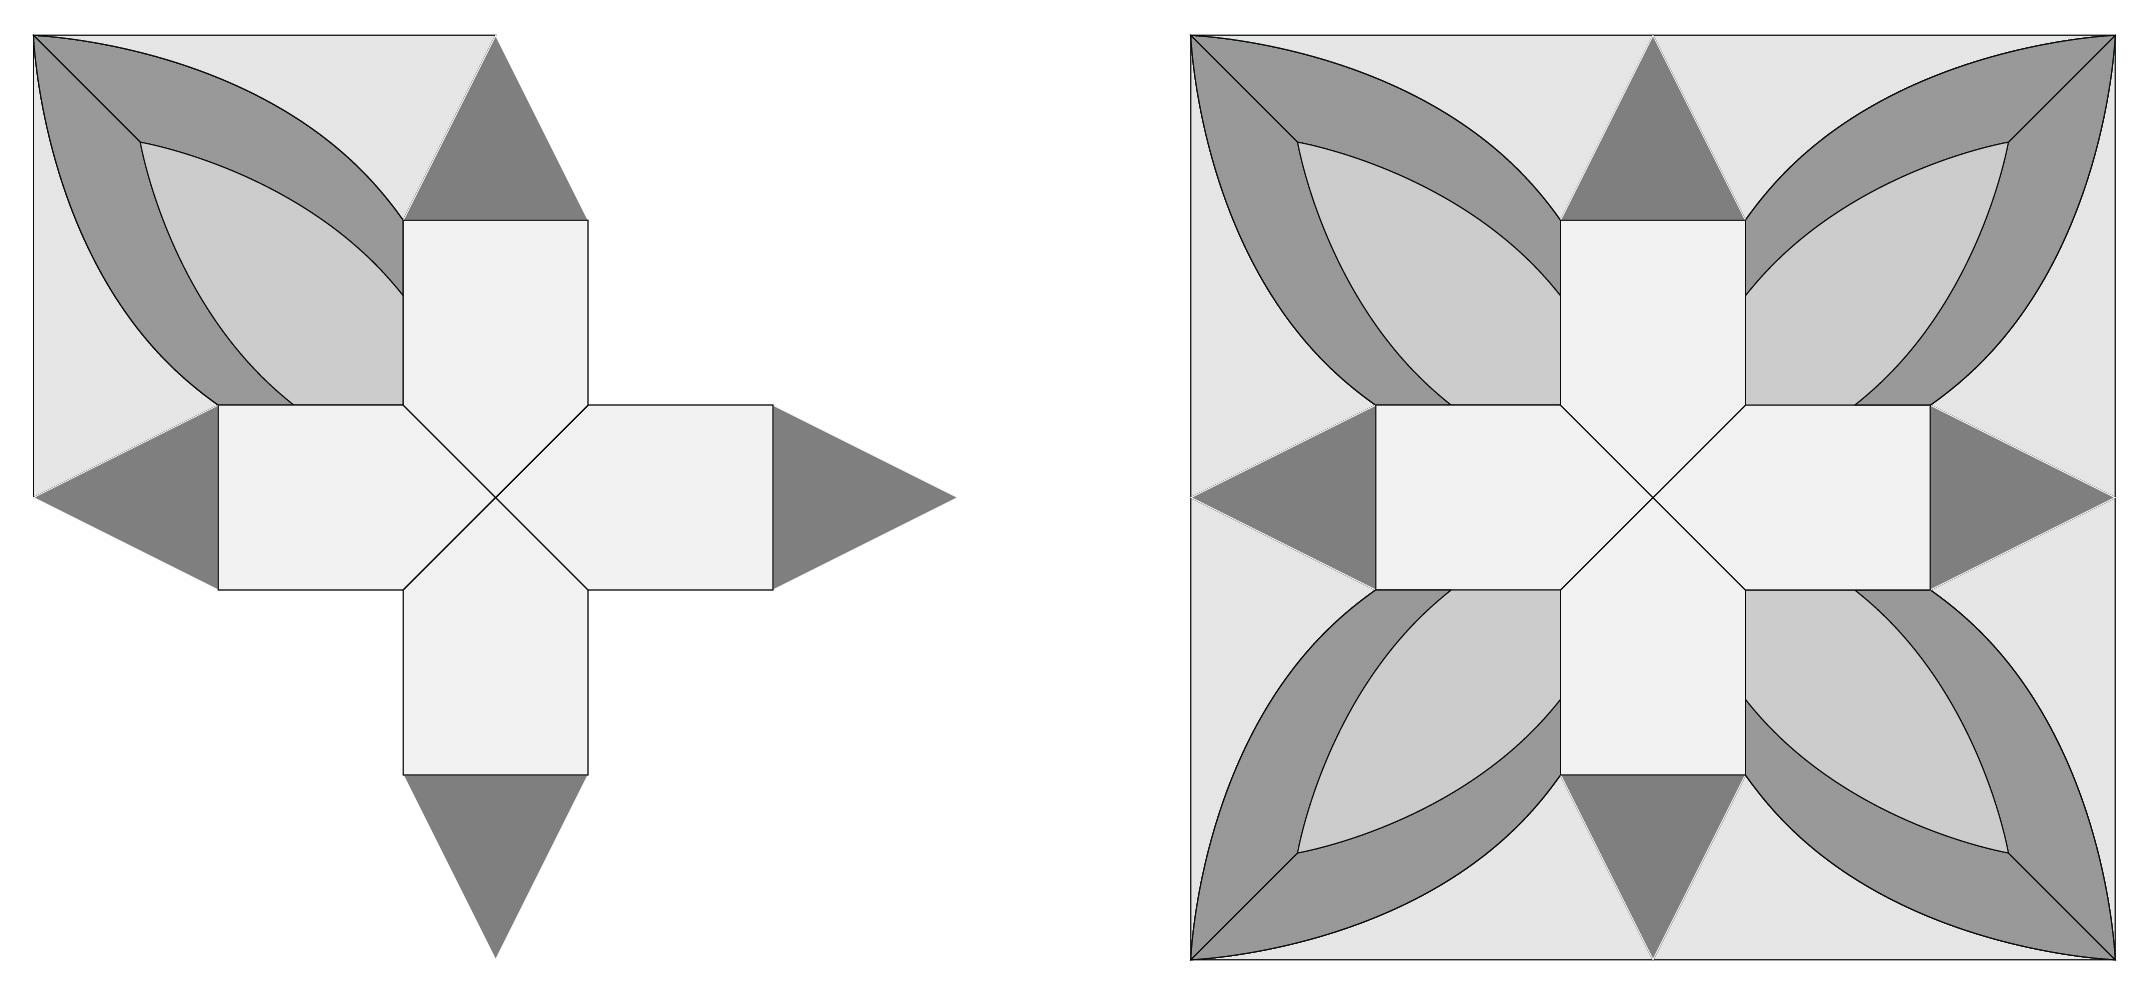 Diagrams 2-05